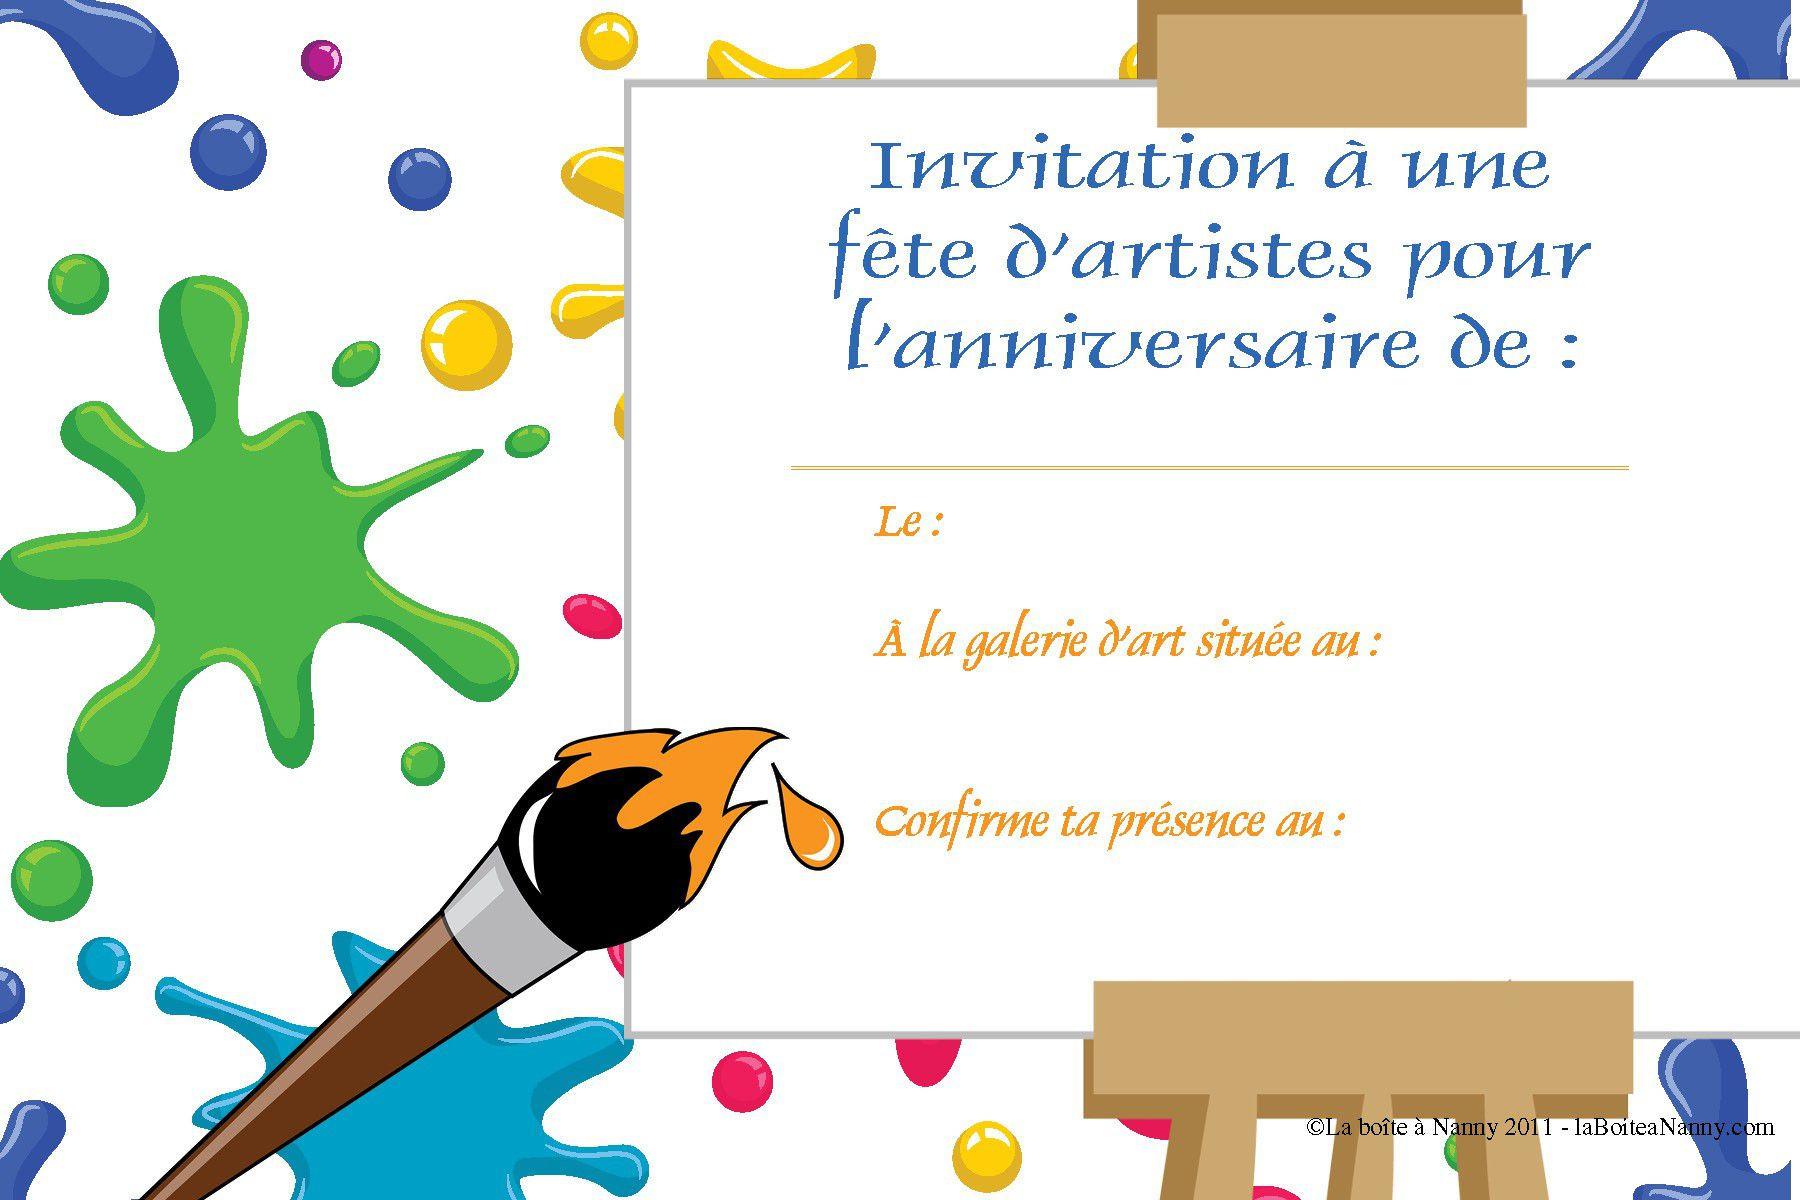 Créer Sa Carte D'Invitation Anniversaire Gratuite Unique encequiconcerne Faire Une Carte D Invitation Anniversaire Gratuite